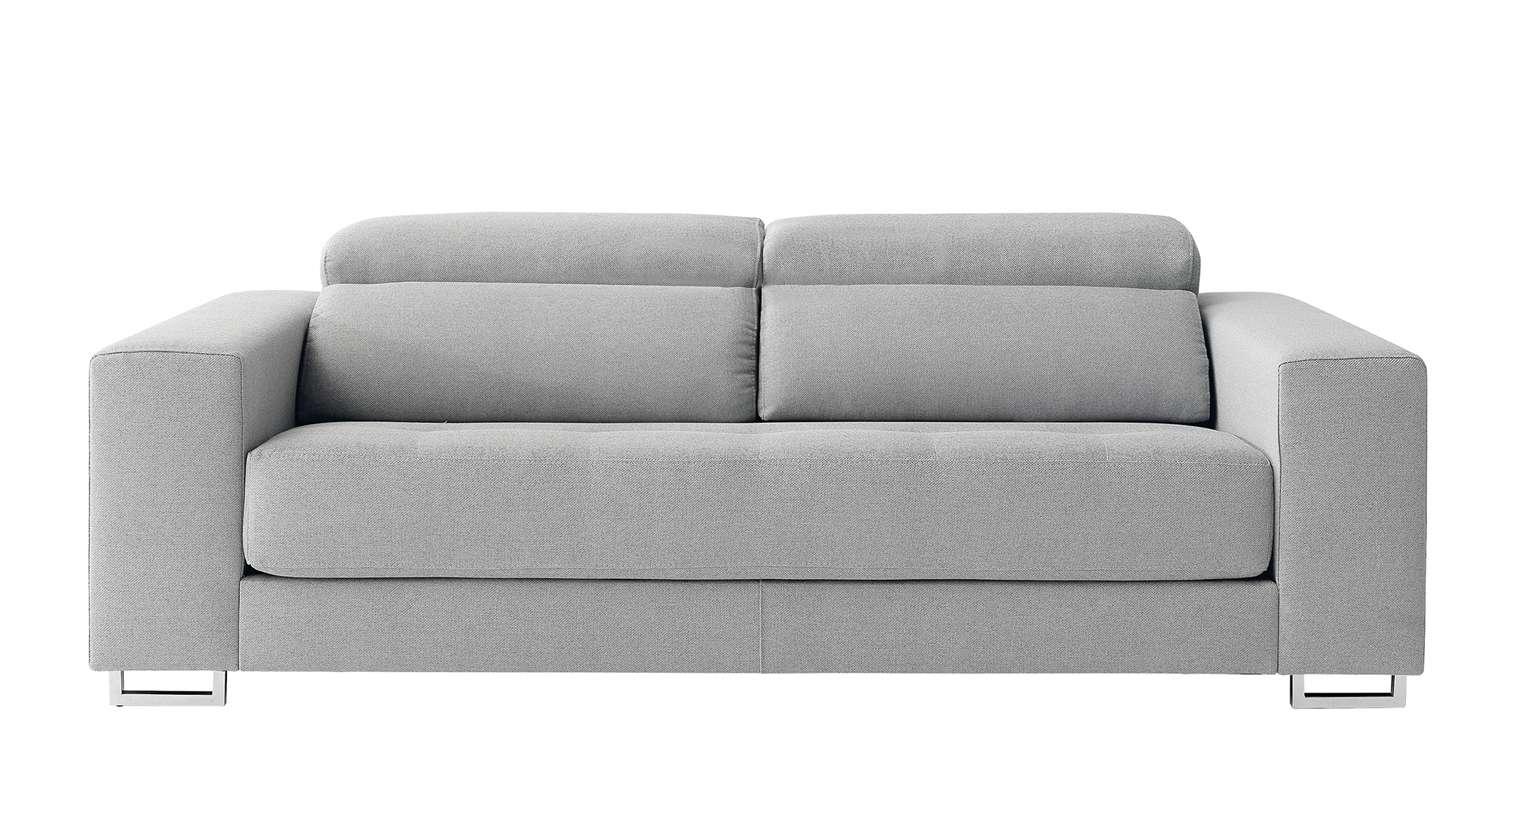 Sofas De Tela T8dj Prar sofà Tela Venus sofa 2 Plazas Microfibra Goku